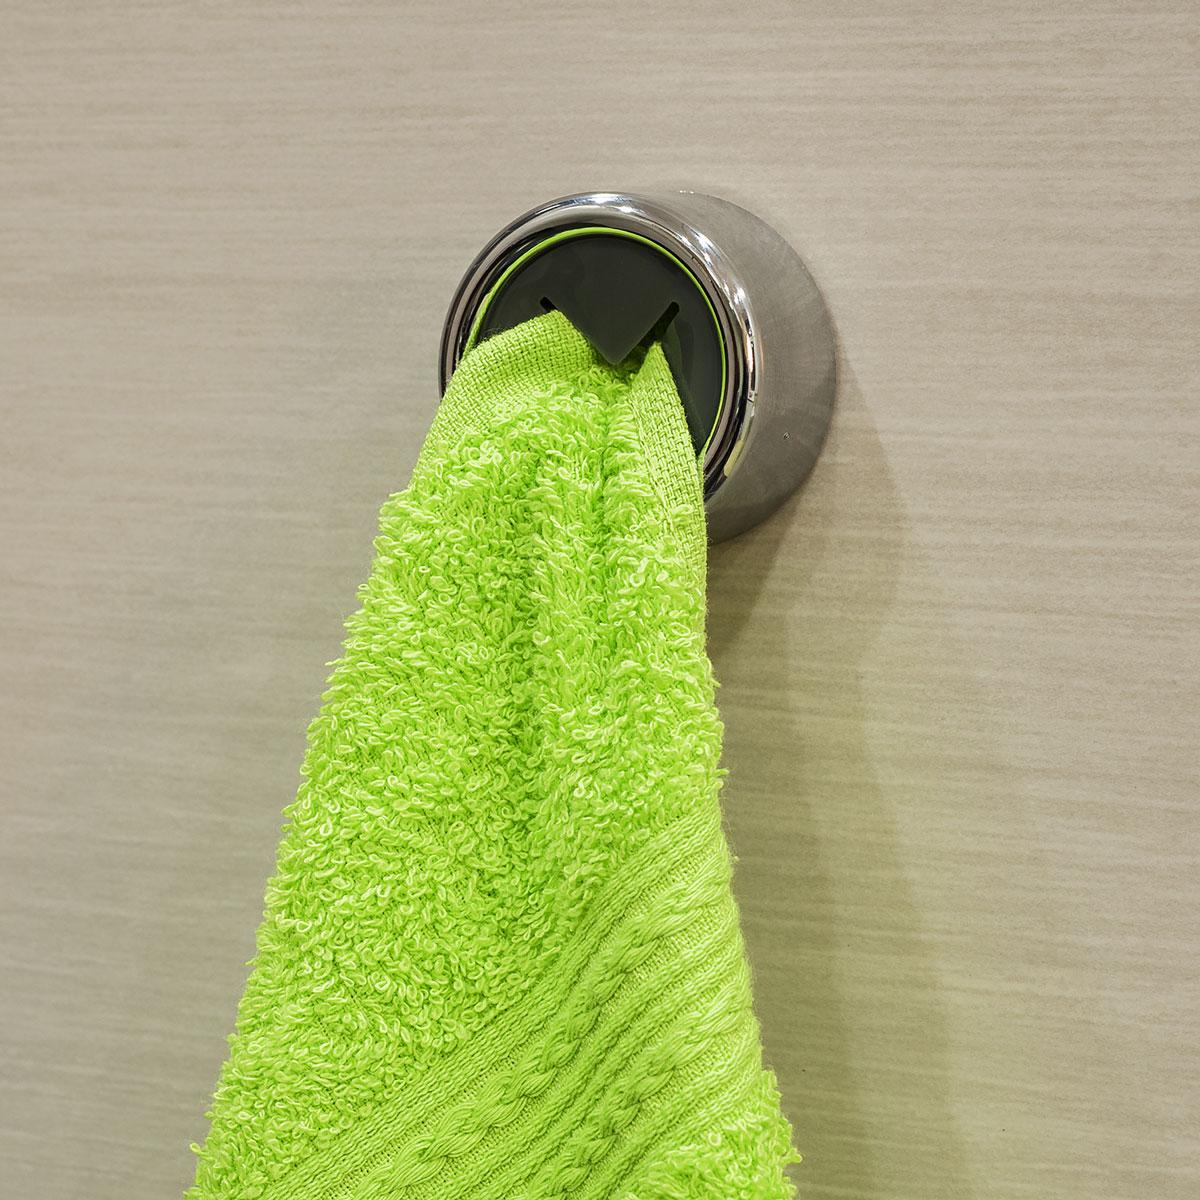 Вешалка самоклеящаяся Tatkraft Berra, для полотенец, диаметр 4 см11809Самоклеящаяся вешалка для полотенец Tatkraft Berra, изготовлена из пластика. Вешалка с современным дизайном не боится влаги, и очень легко крепится к стене. Чтобы зафиксировать вешалку, не нужно сверлить дырки, достаточно снять защитный слой и прочно прижать вешалку к стене. Крепкая, оригинальная вешалка не требует петелек у полотенца. Диаметр вешалки: 4 см.